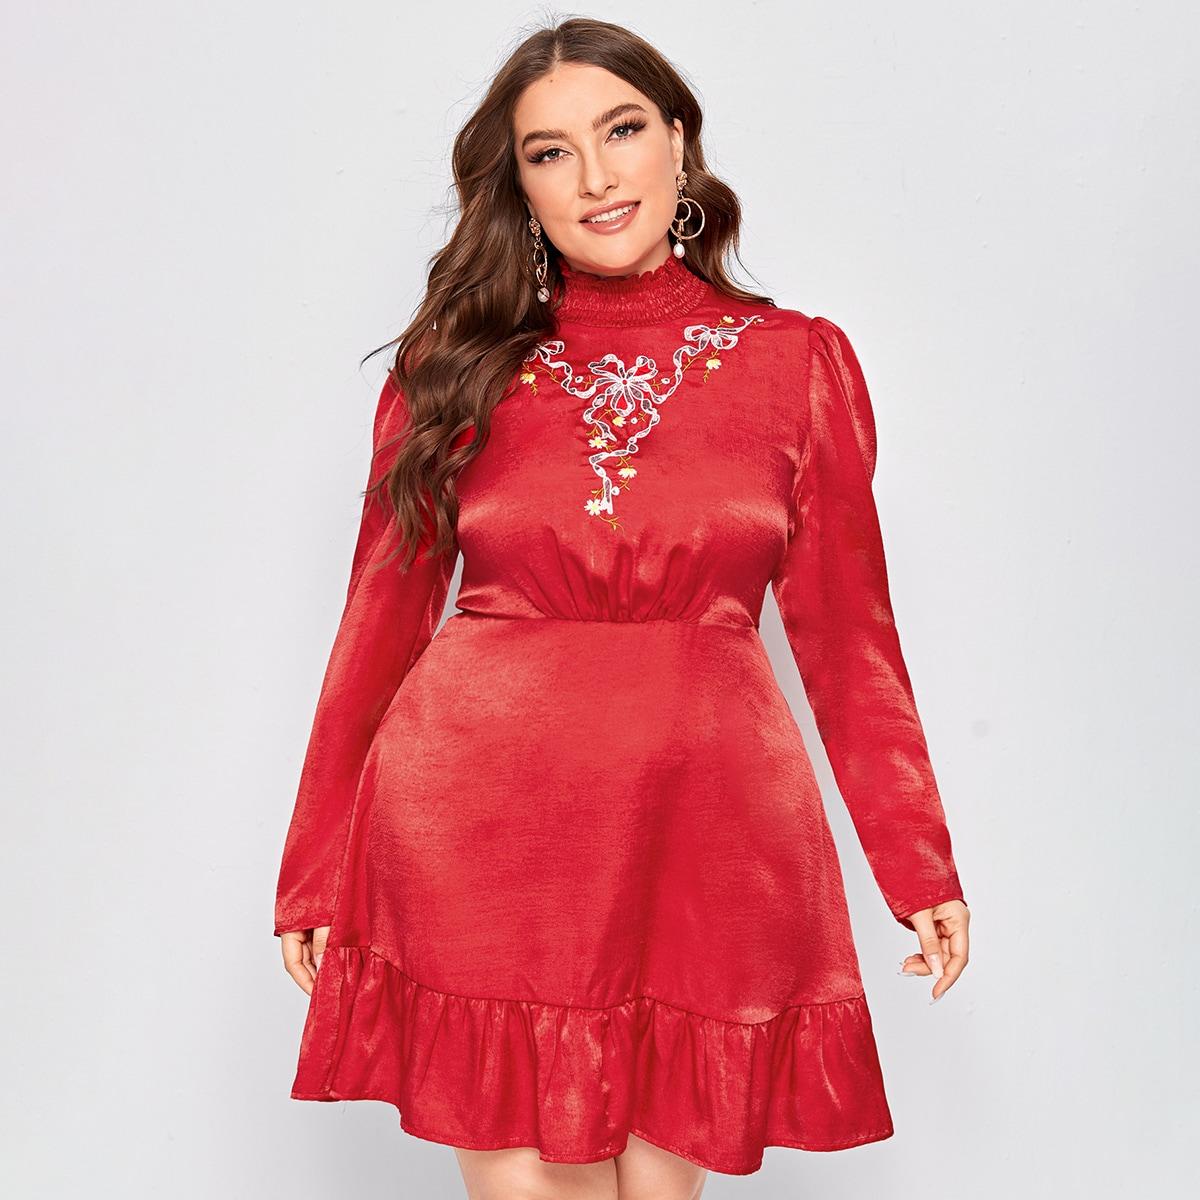 Атласное платье размера плюс с цветочной вышивкой